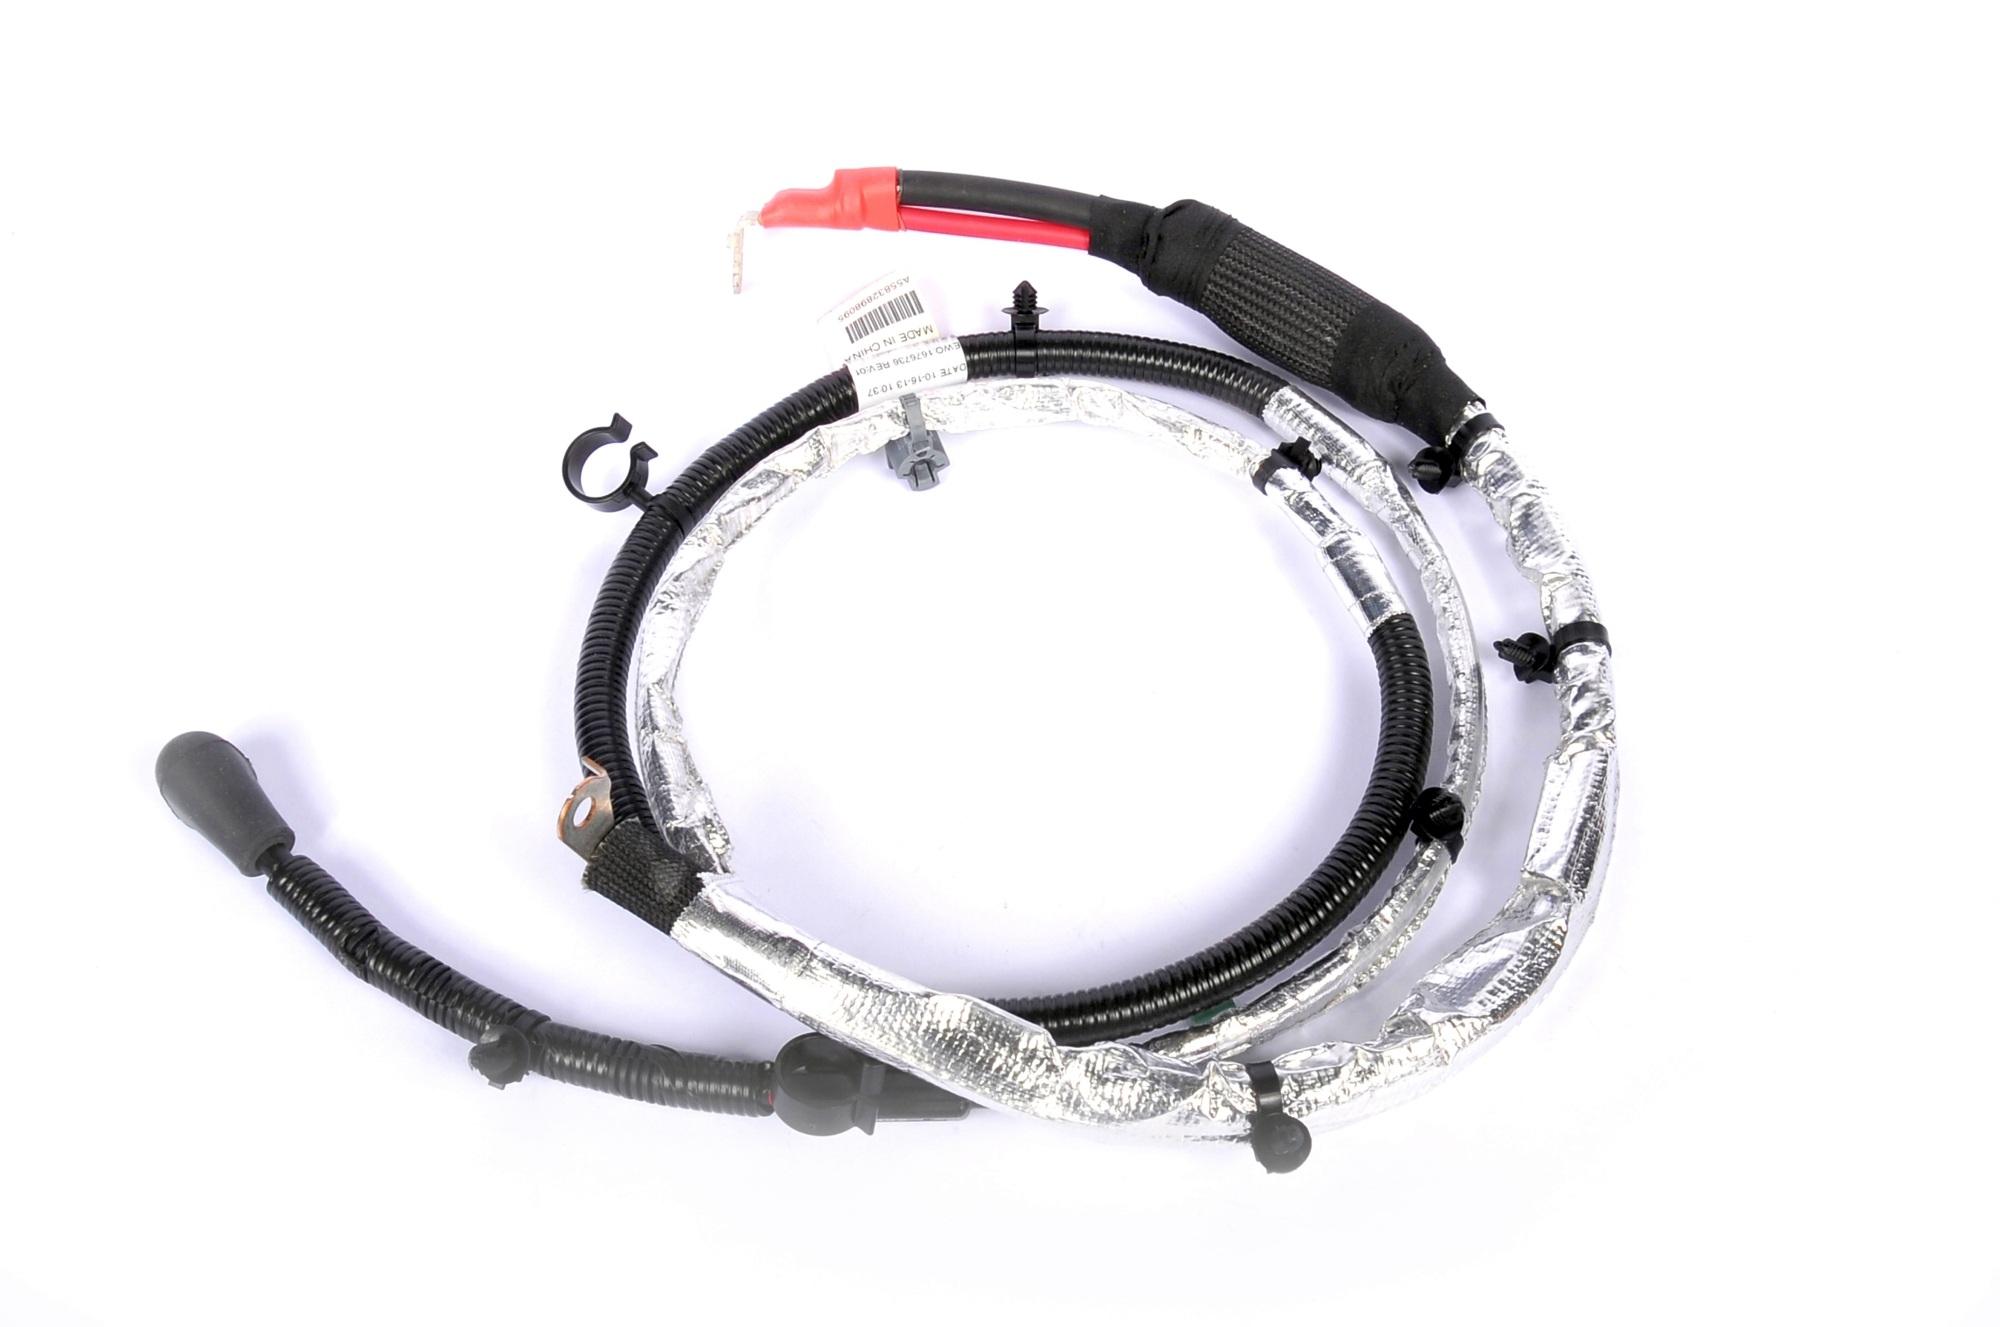 ACDELCO GM ORIGINAL EQUIPMENT - Alternator Cable - DCB 22938095